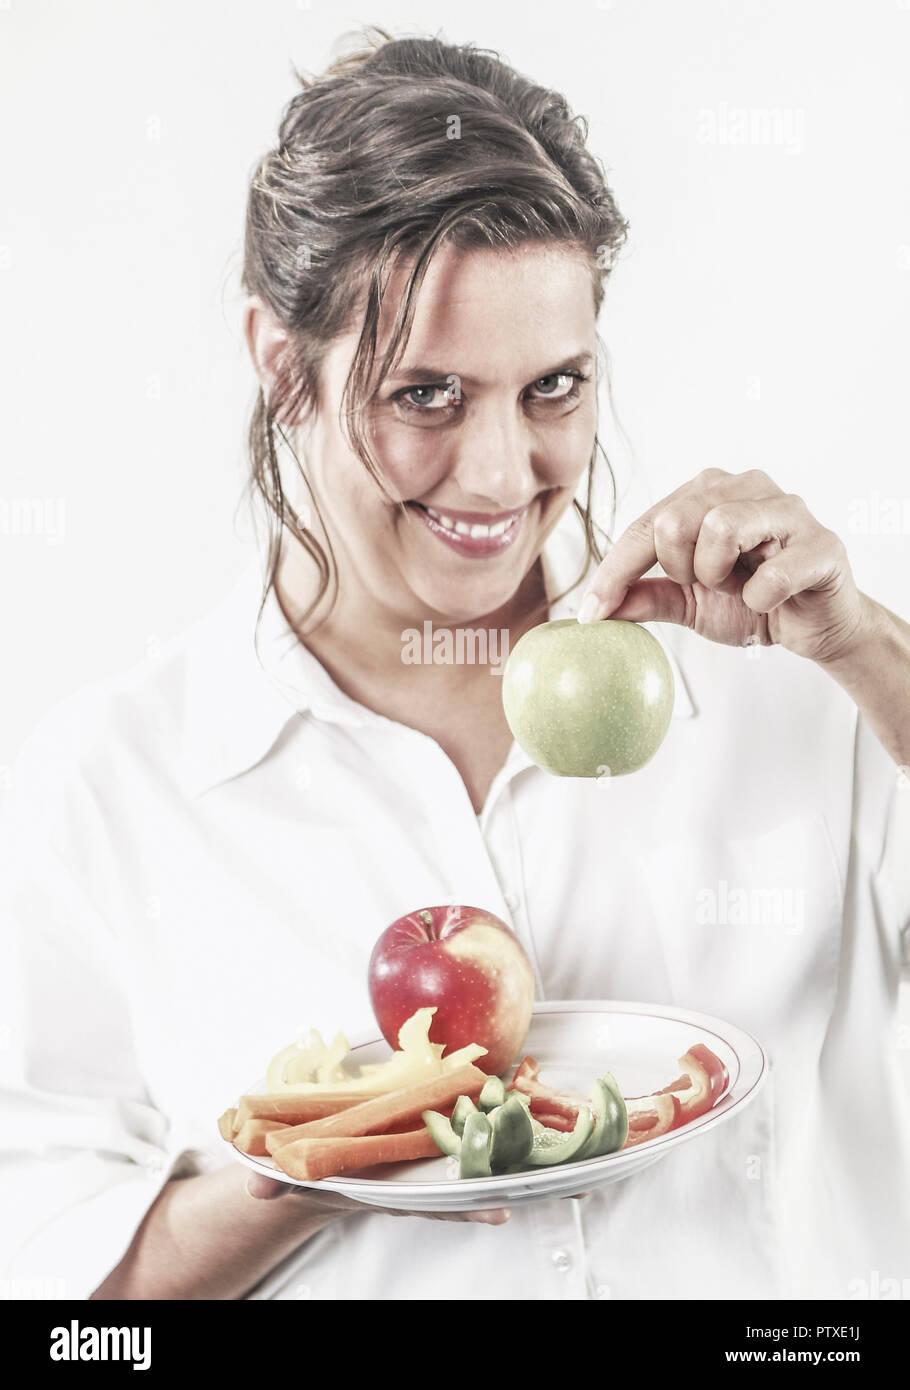 Frau mit Obst und Gemuese auf Teller (model-released) Stock Photo